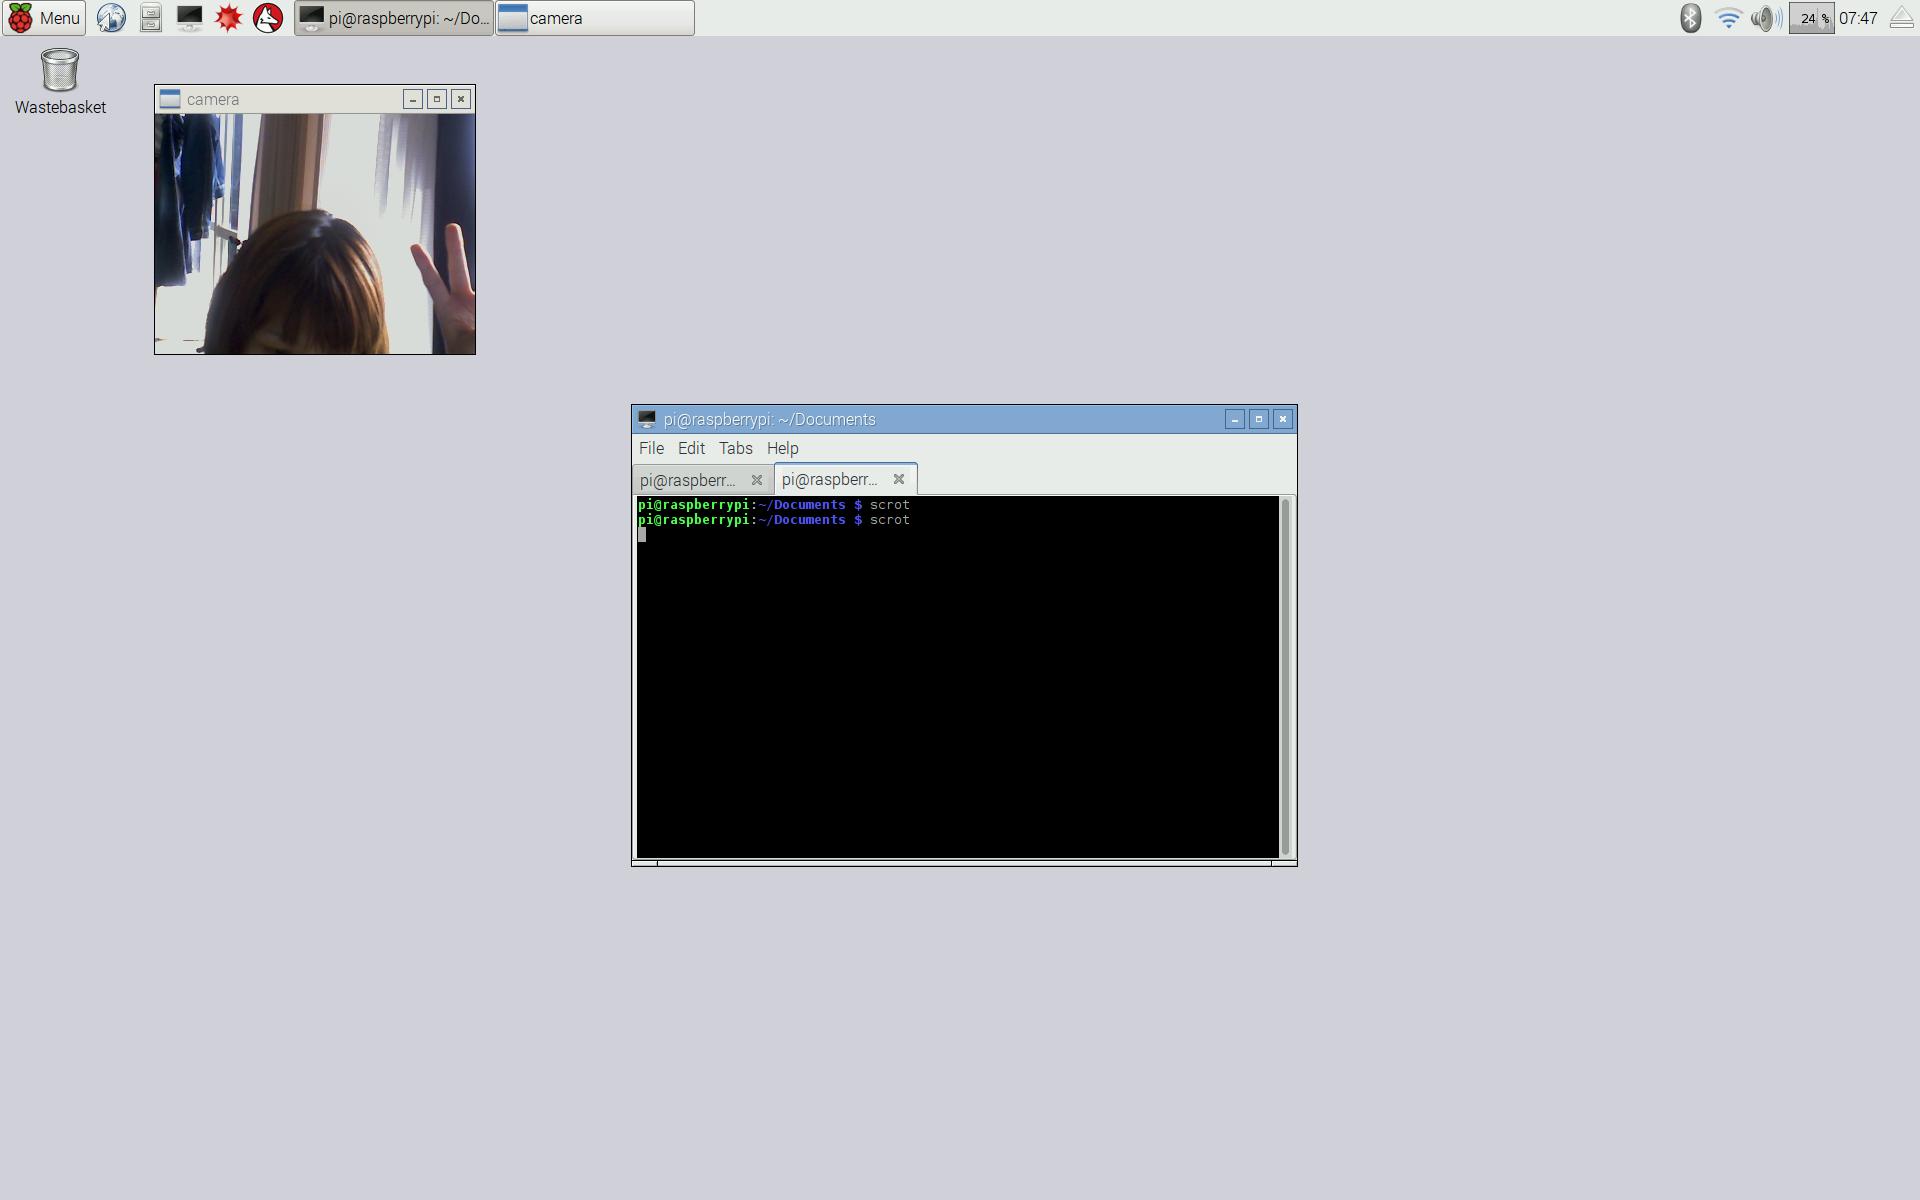 Raspberry Pi Zero に OpenCV を入れてWebカメラをキャプチャ